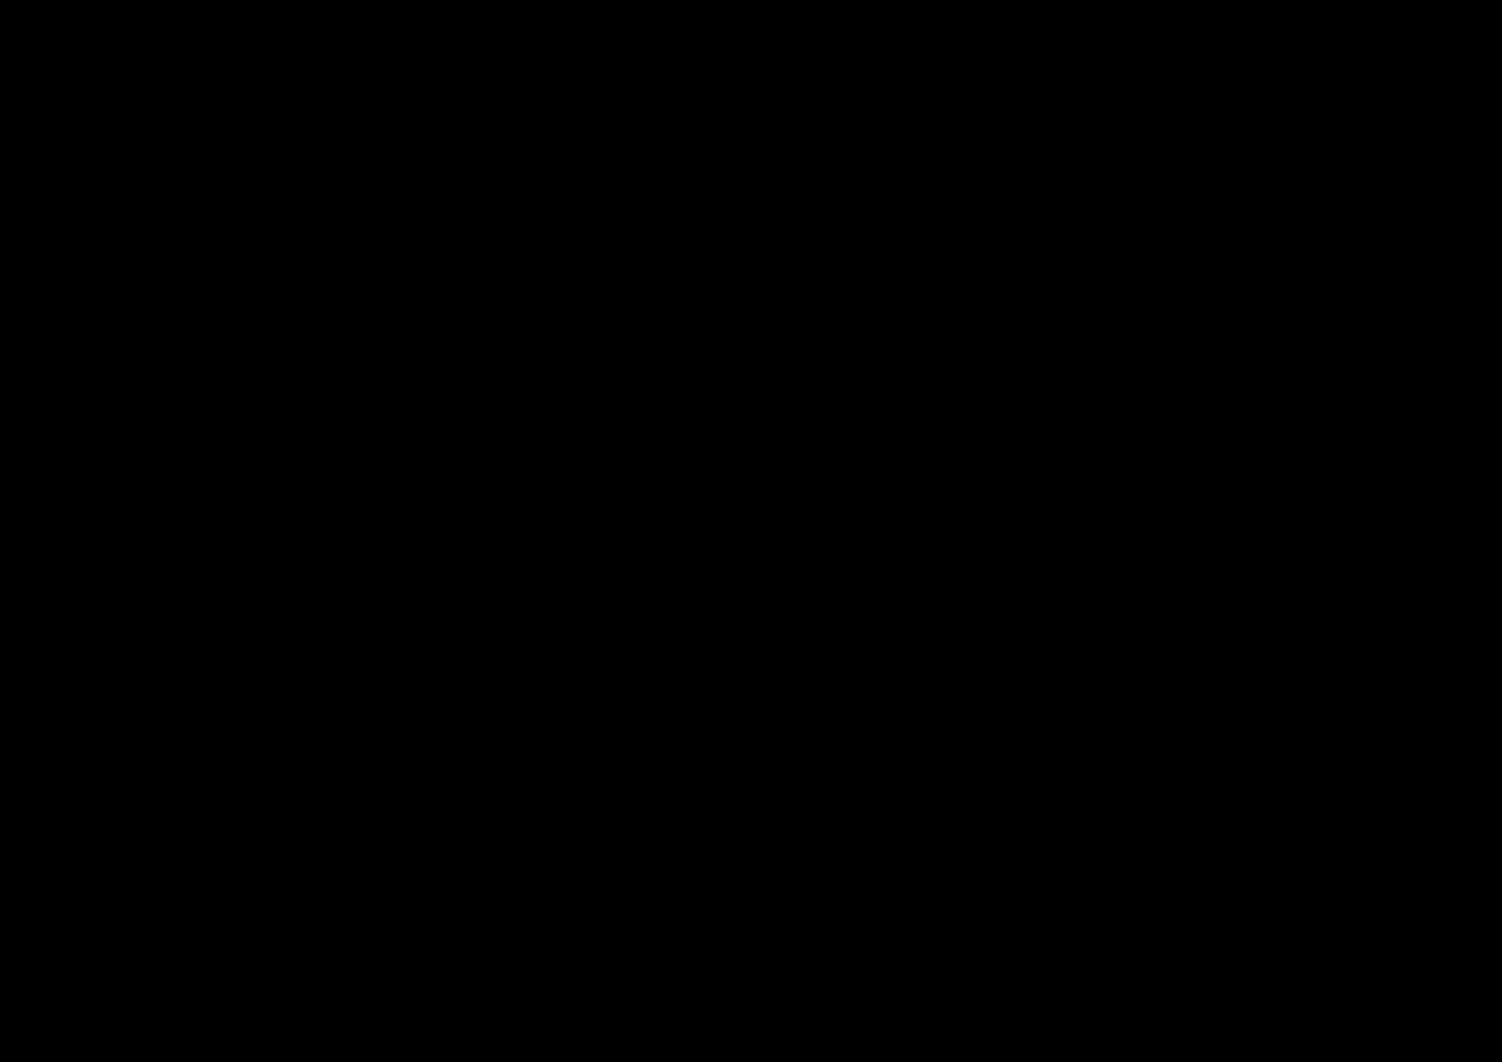 Fks visual visualisier visualisatie visualization rendering 3d printing druck photography fotografie architecture architektur architectuur dutch netherlands nederland swiss suisse schweiz